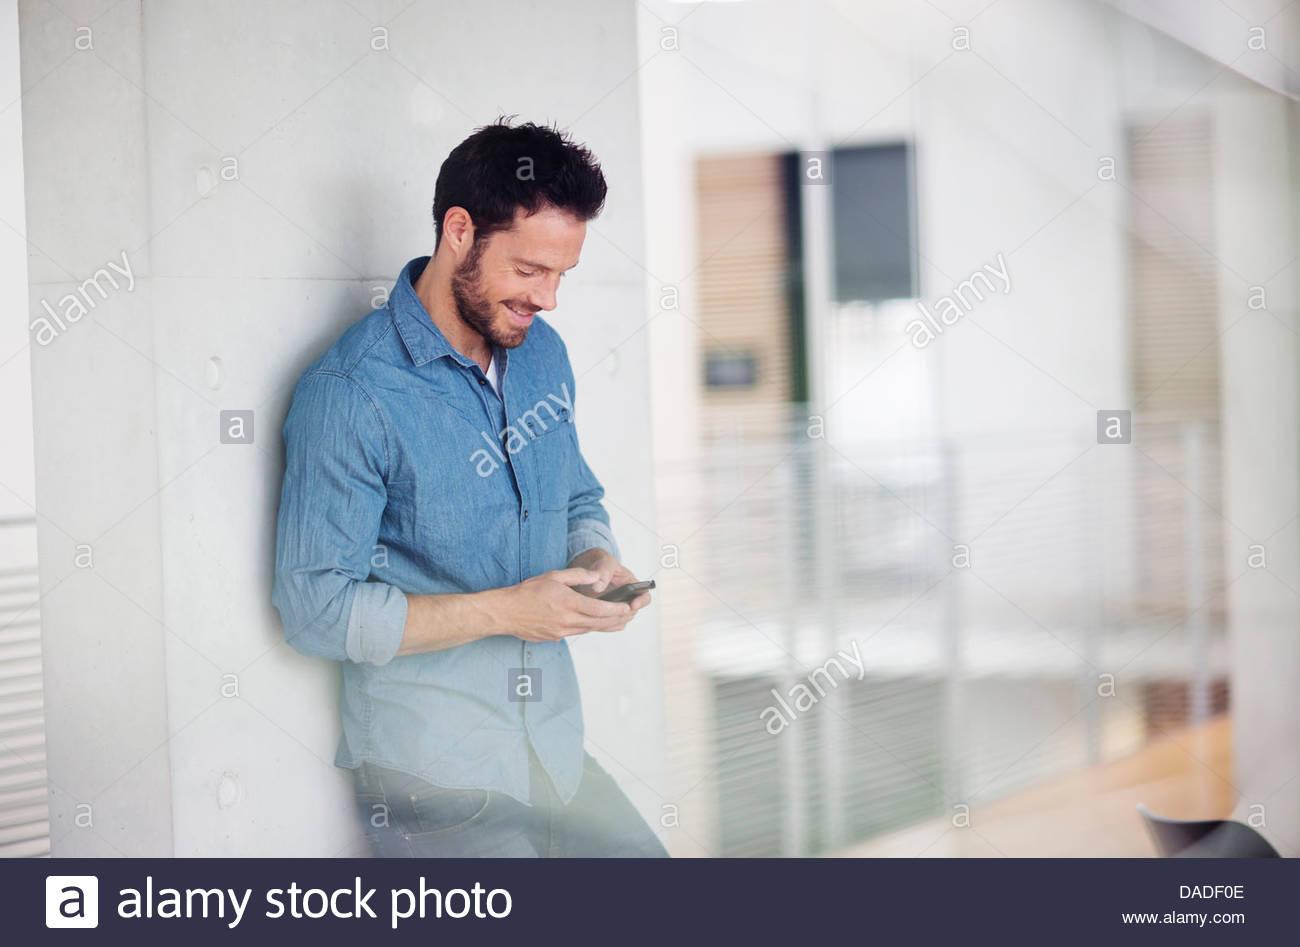 Uomo che guarda in basso al telefono cellulare Immagini Stock